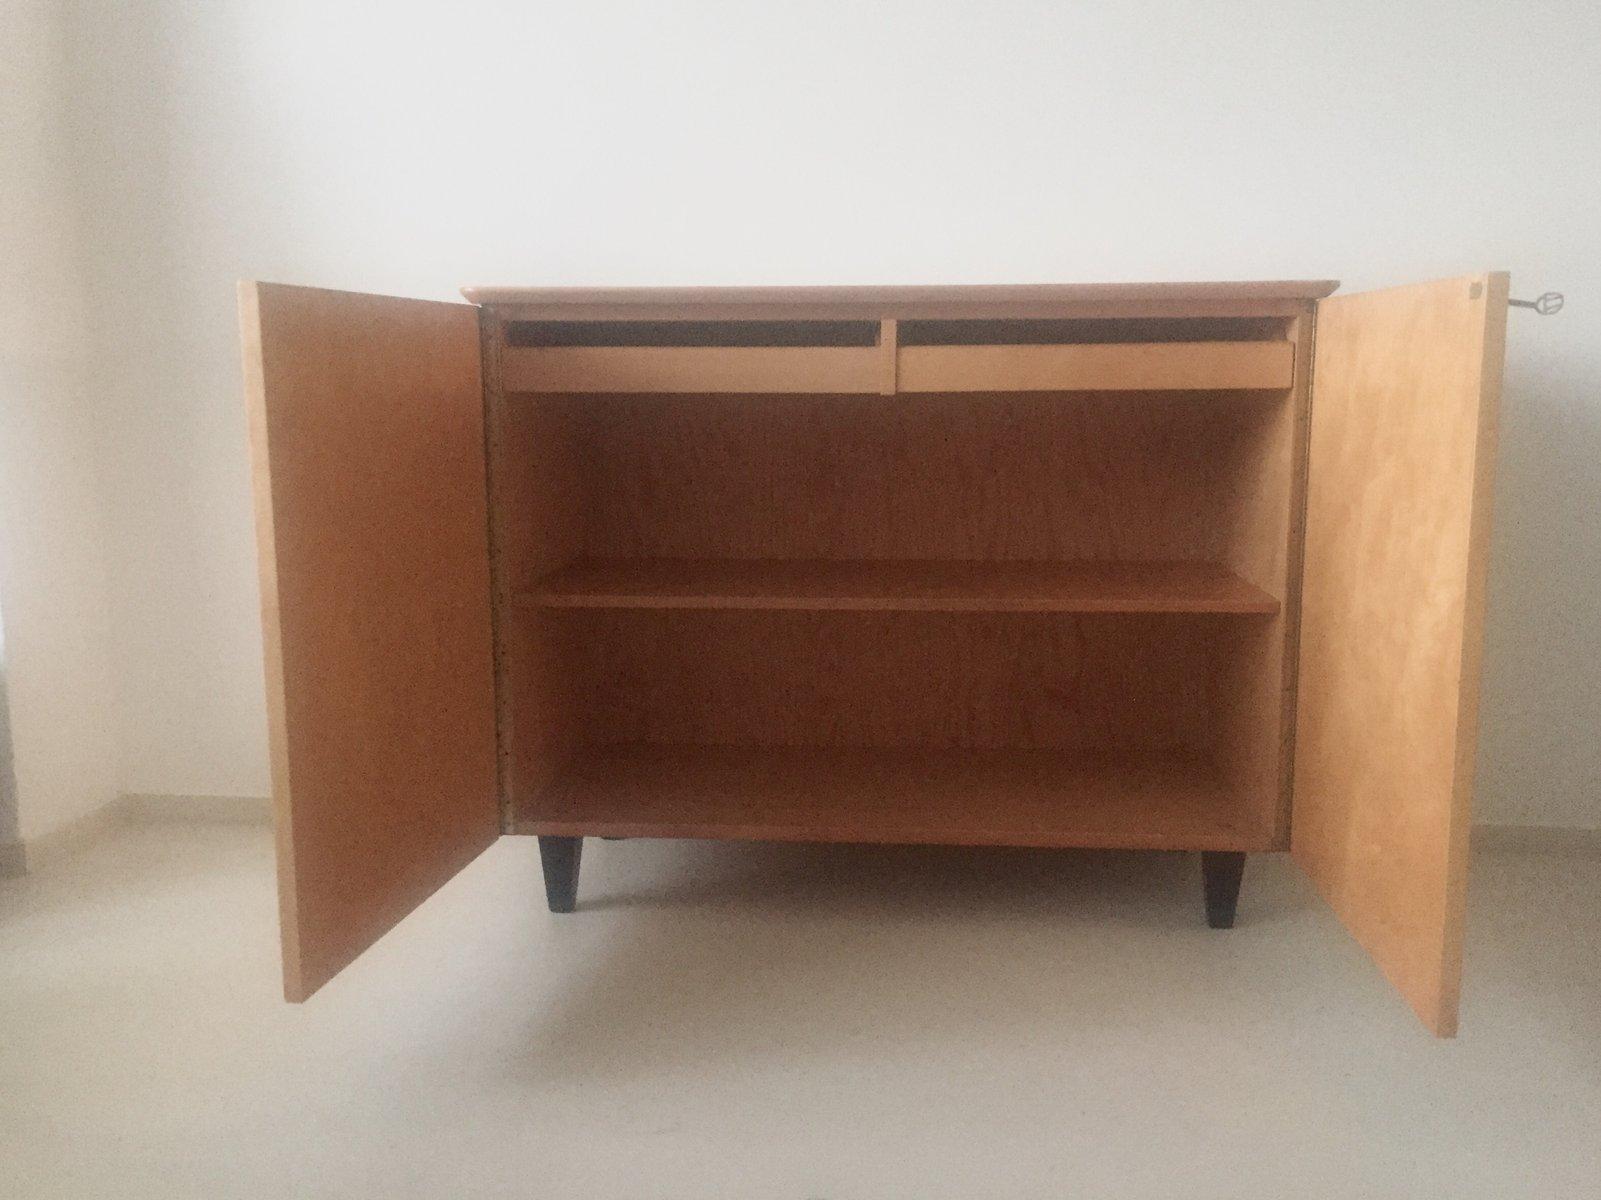 vintage mid century schrank aus birkenholz von edsby. Black Bedroom Furniture Sets. Home Design Ideas